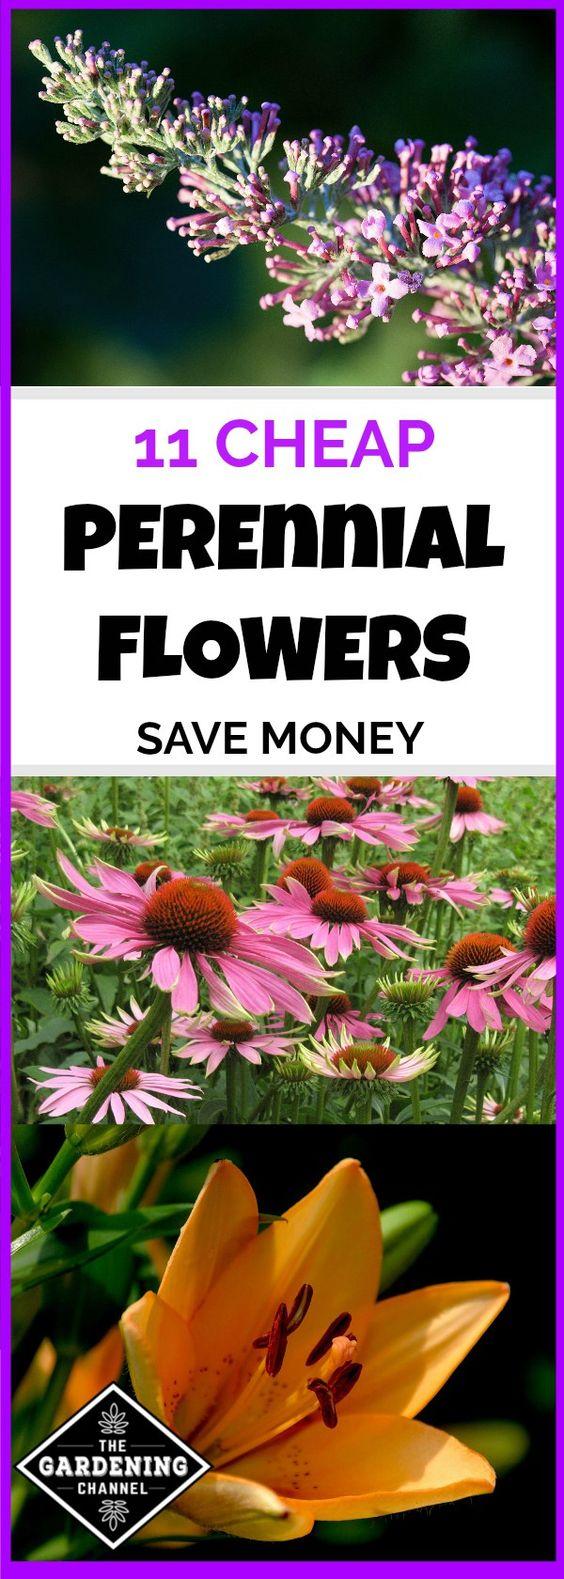 将多年生花卉视为您花园中的长期投资。他们每年返回20年或更长时间,在混合床或花园中看起来很可爱。